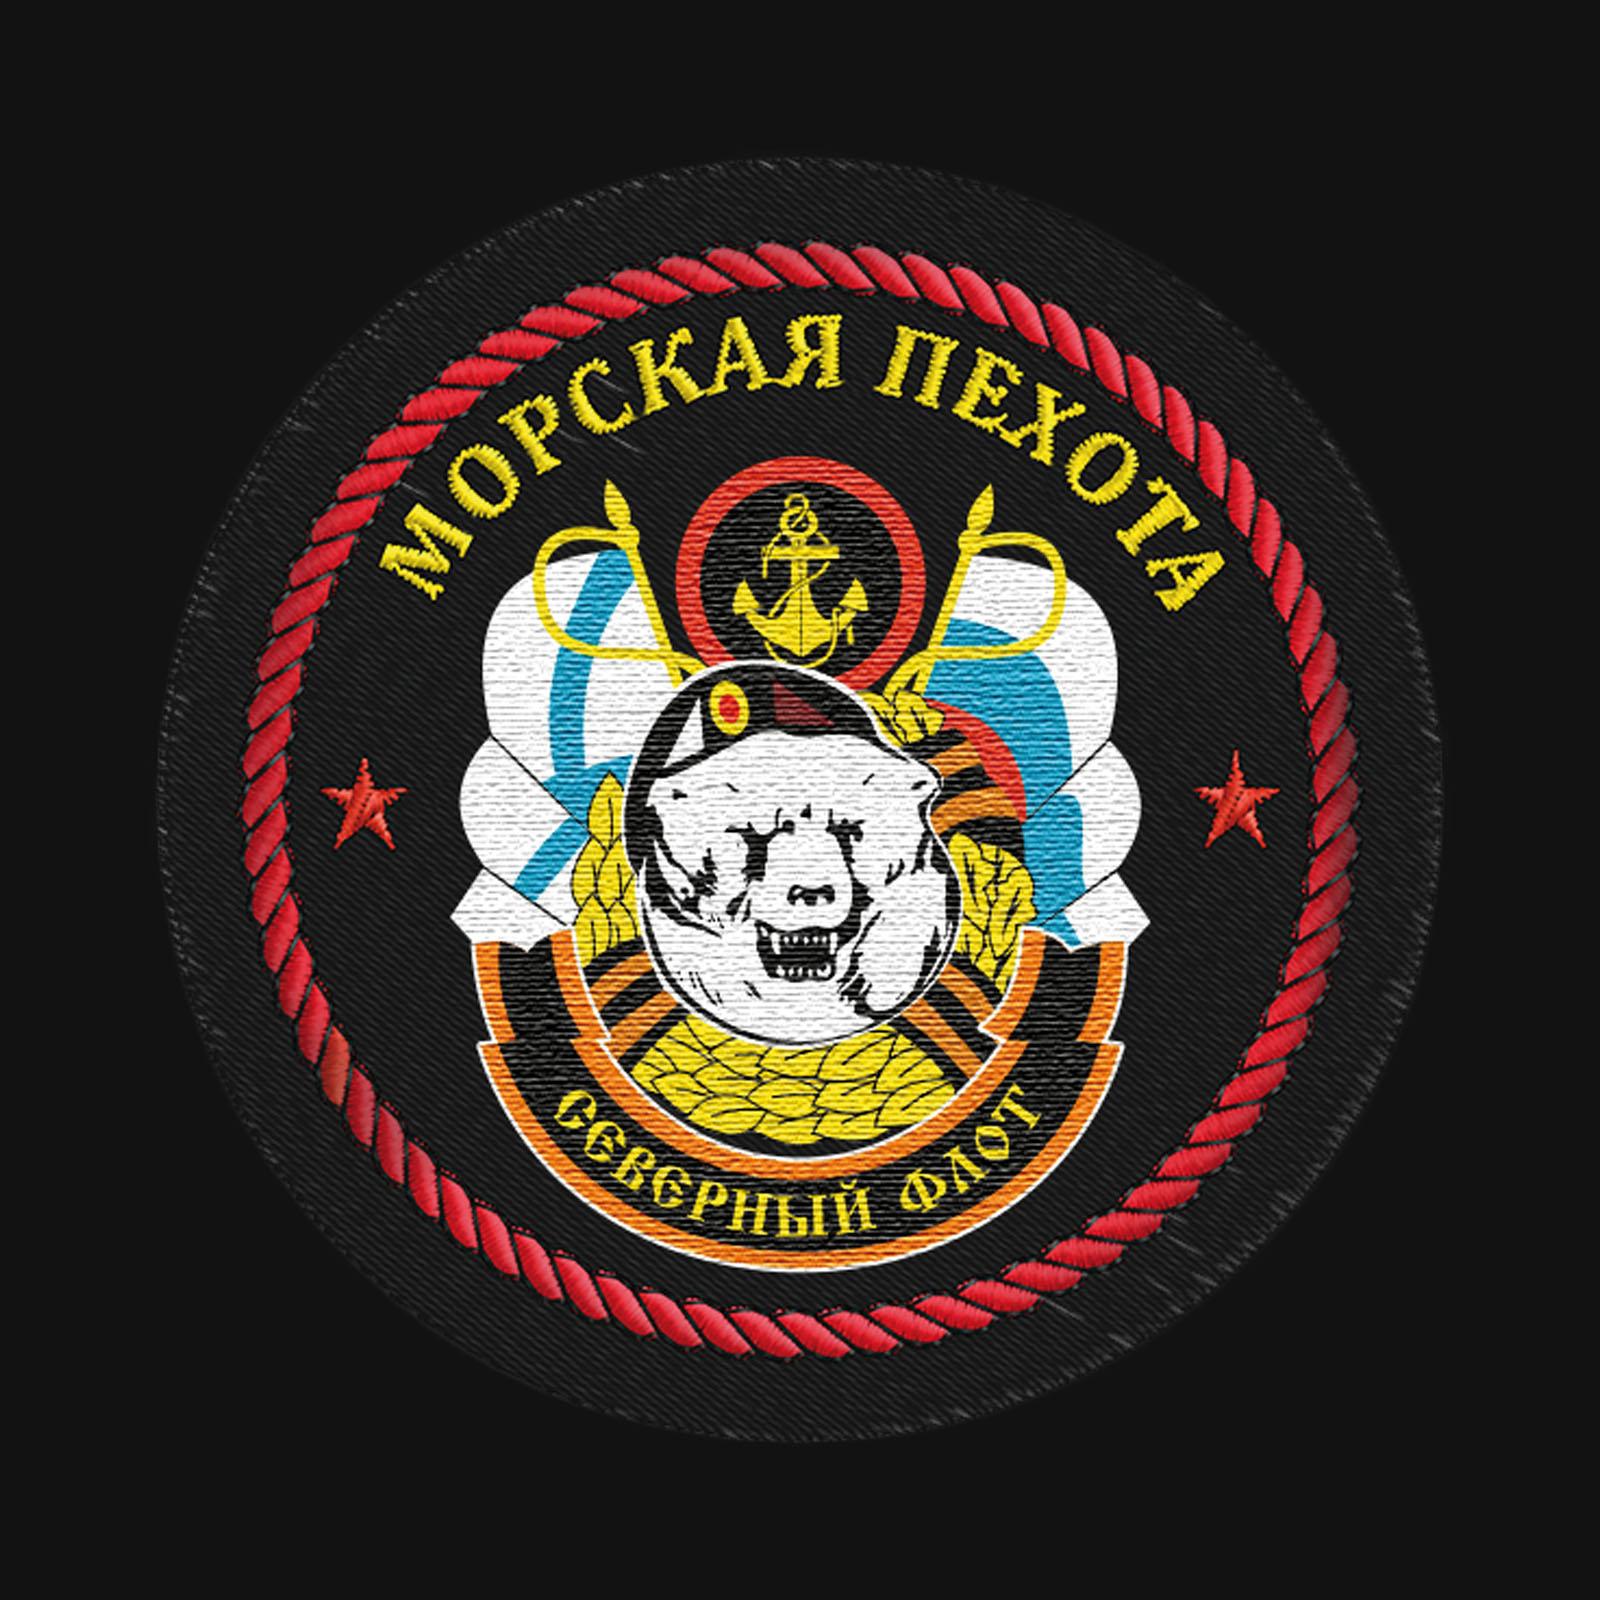 Толстовка с шевроном Морской пехоты Северный флот